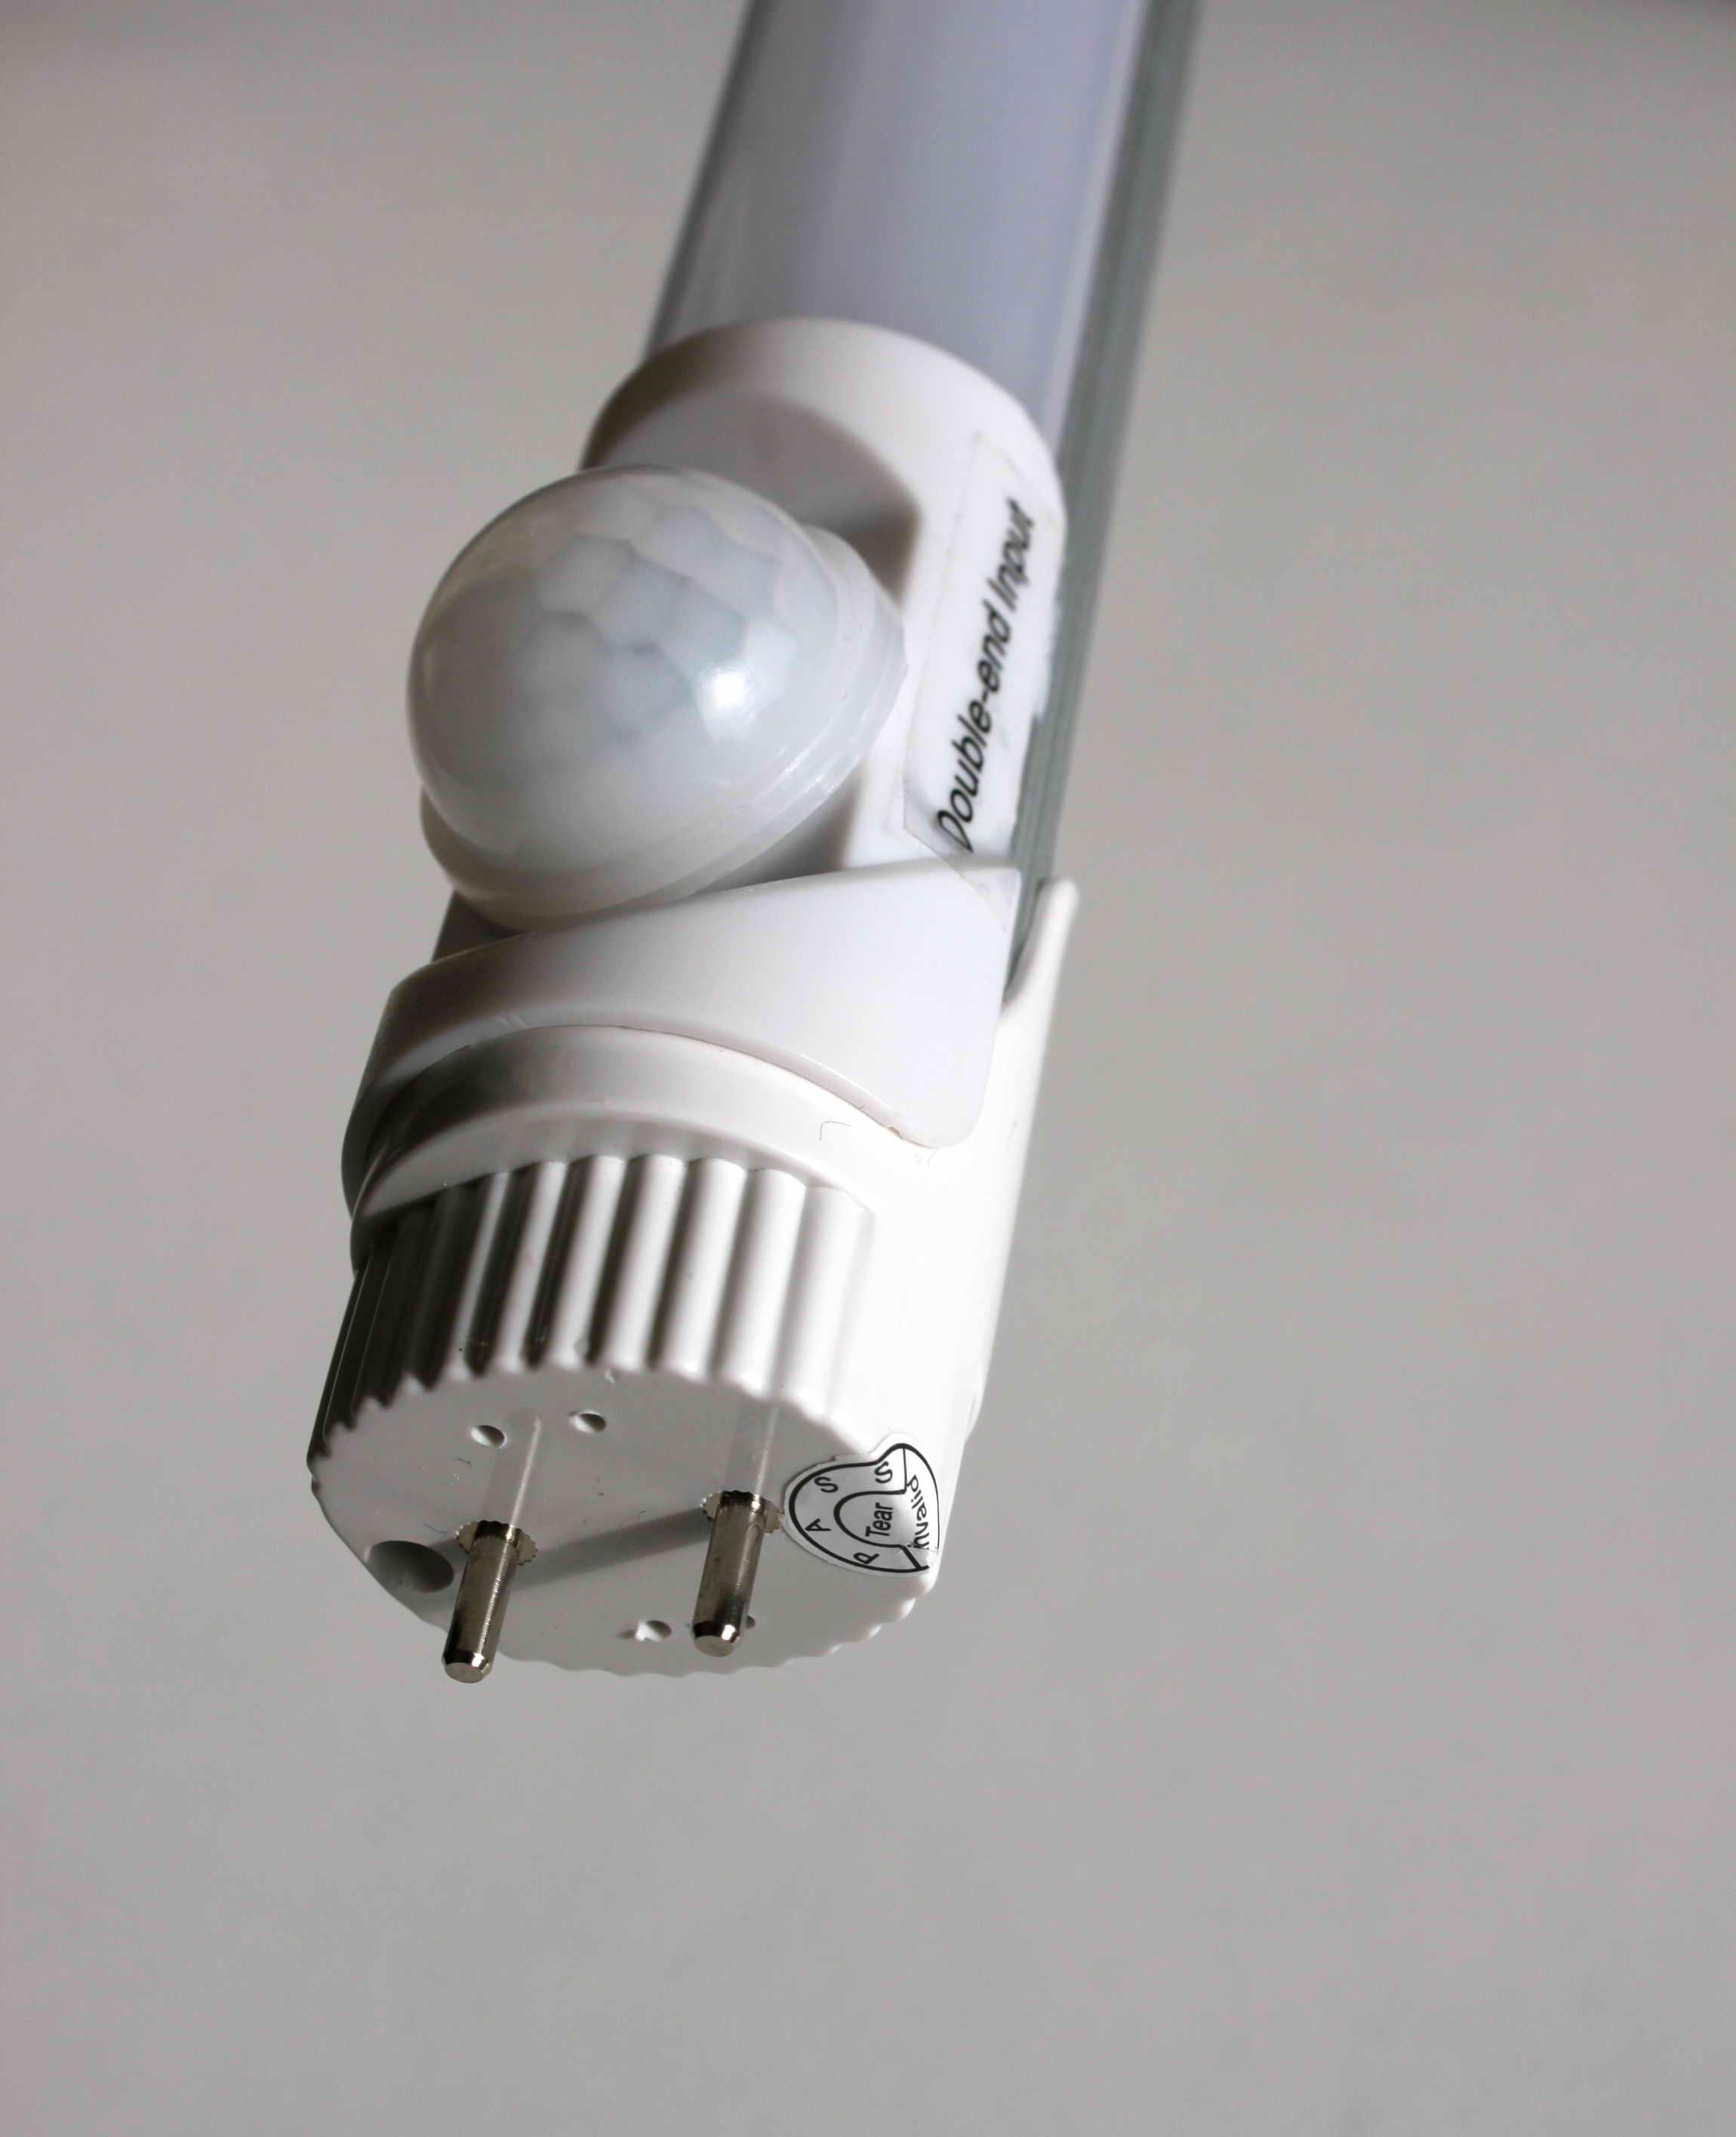 Светодиодная лампа со встроенным датчиком движения